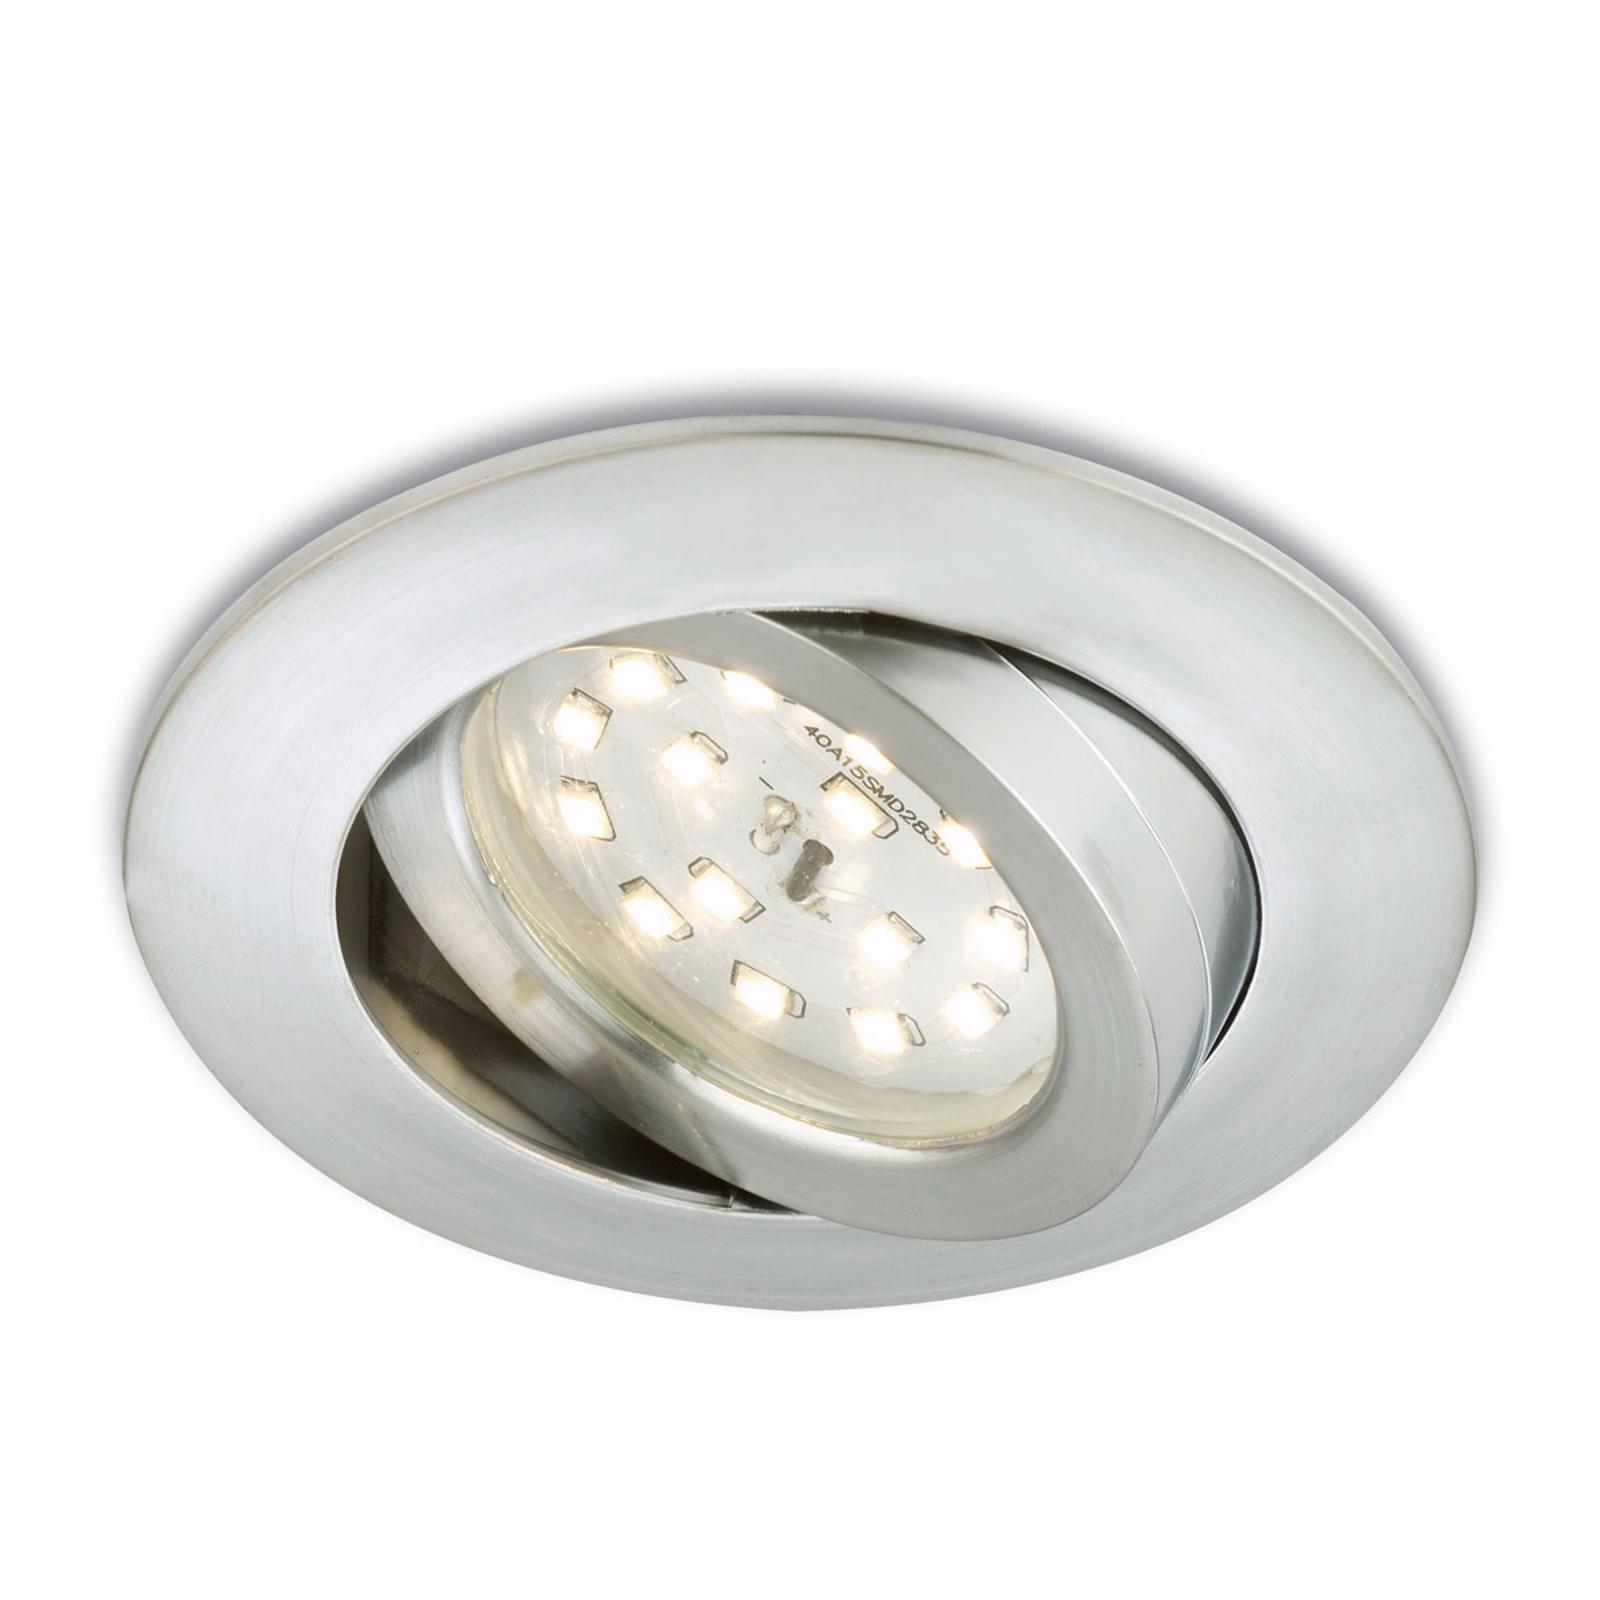 Alumiininvärinen LED-uppokohdevalo Erik